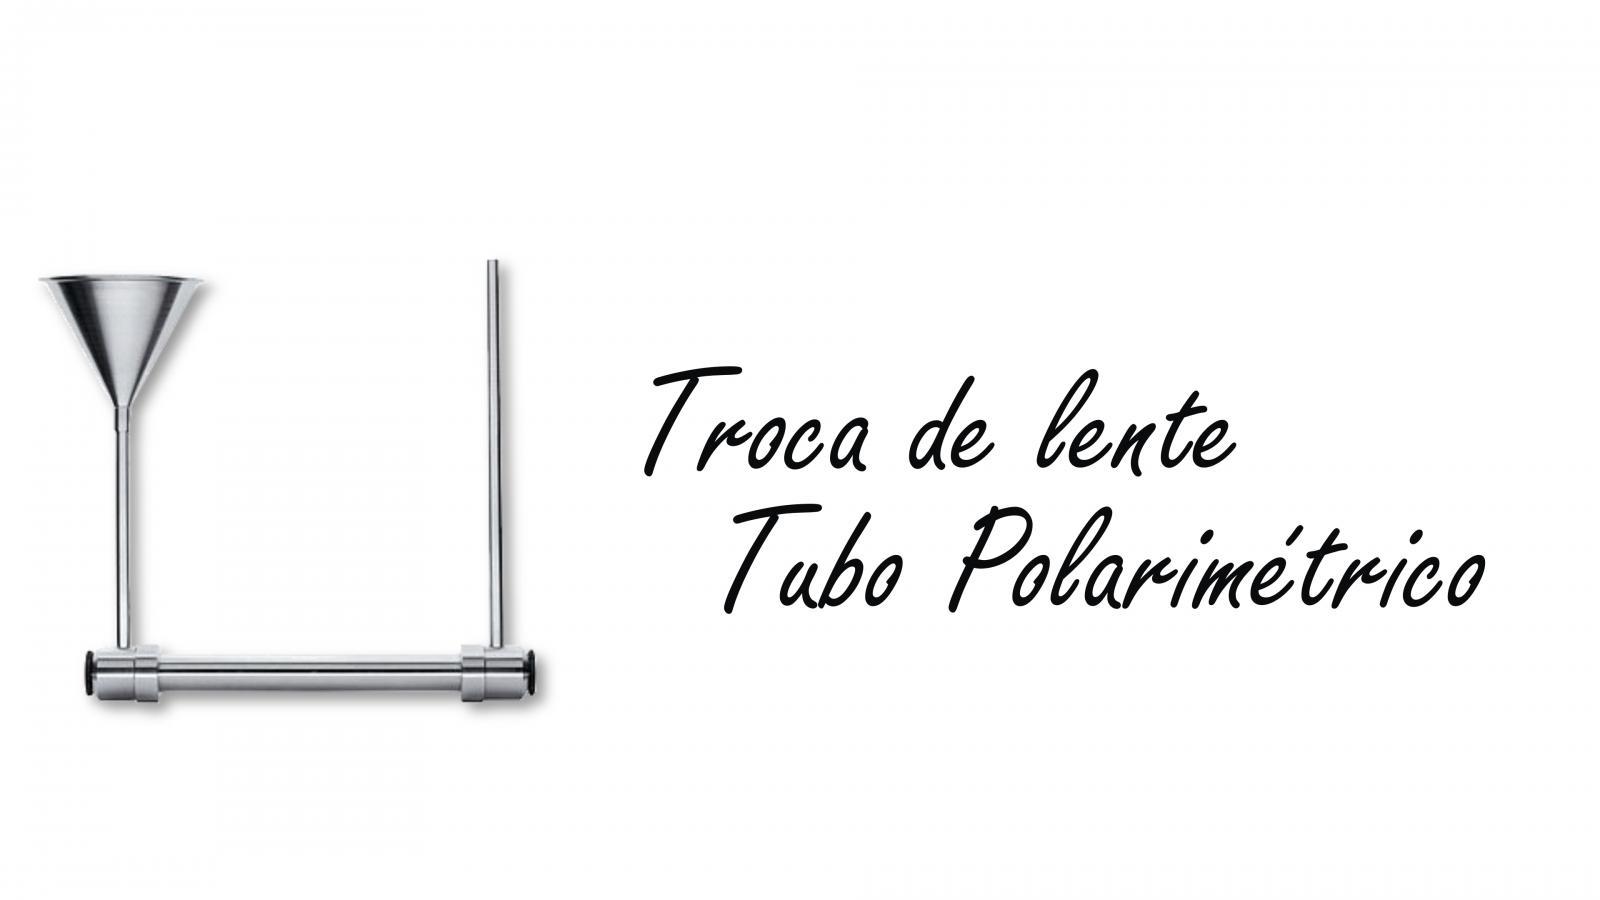 Troca de Lente Tubo Polarimétrico